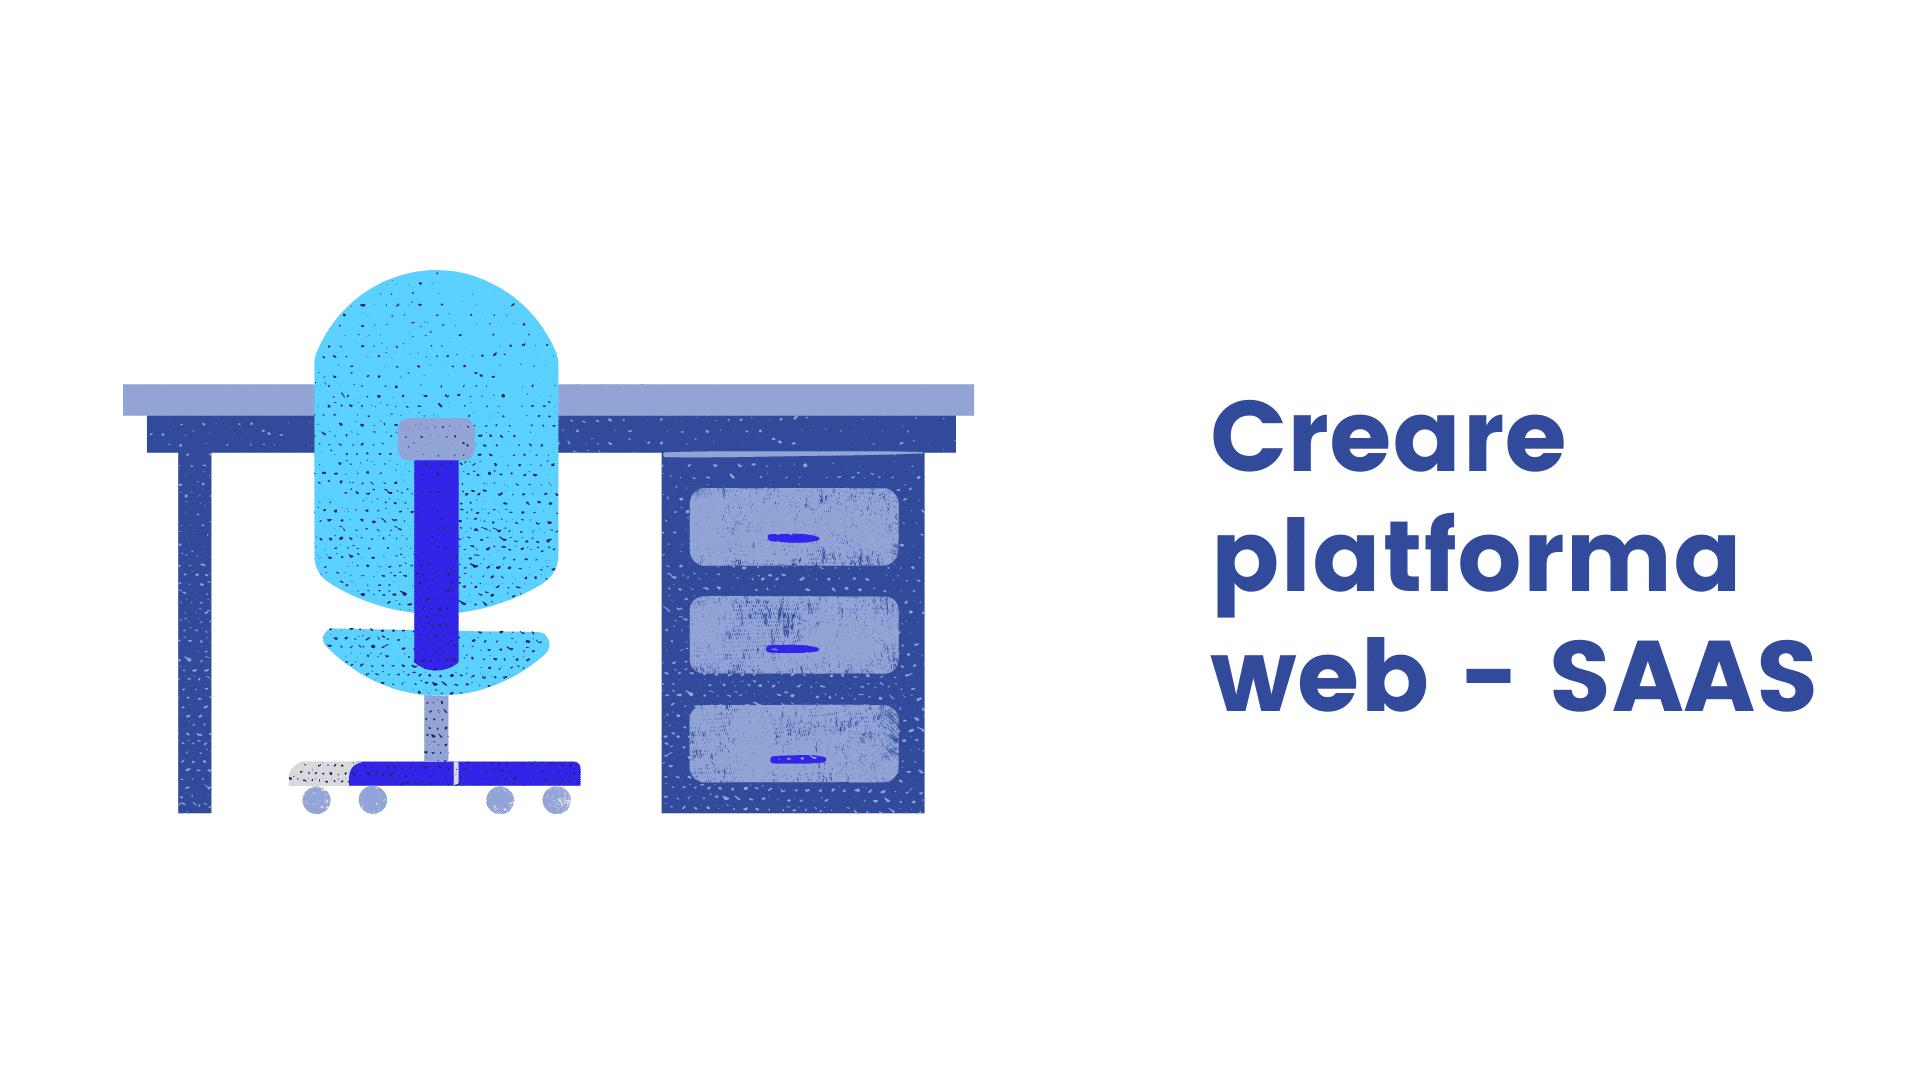 Creare platforma web saas, creare site web. Platforma saas la comanda pentru afaceri online. Oferim servicii web, ecommerce, platforme web personalizate pentru antreprenori